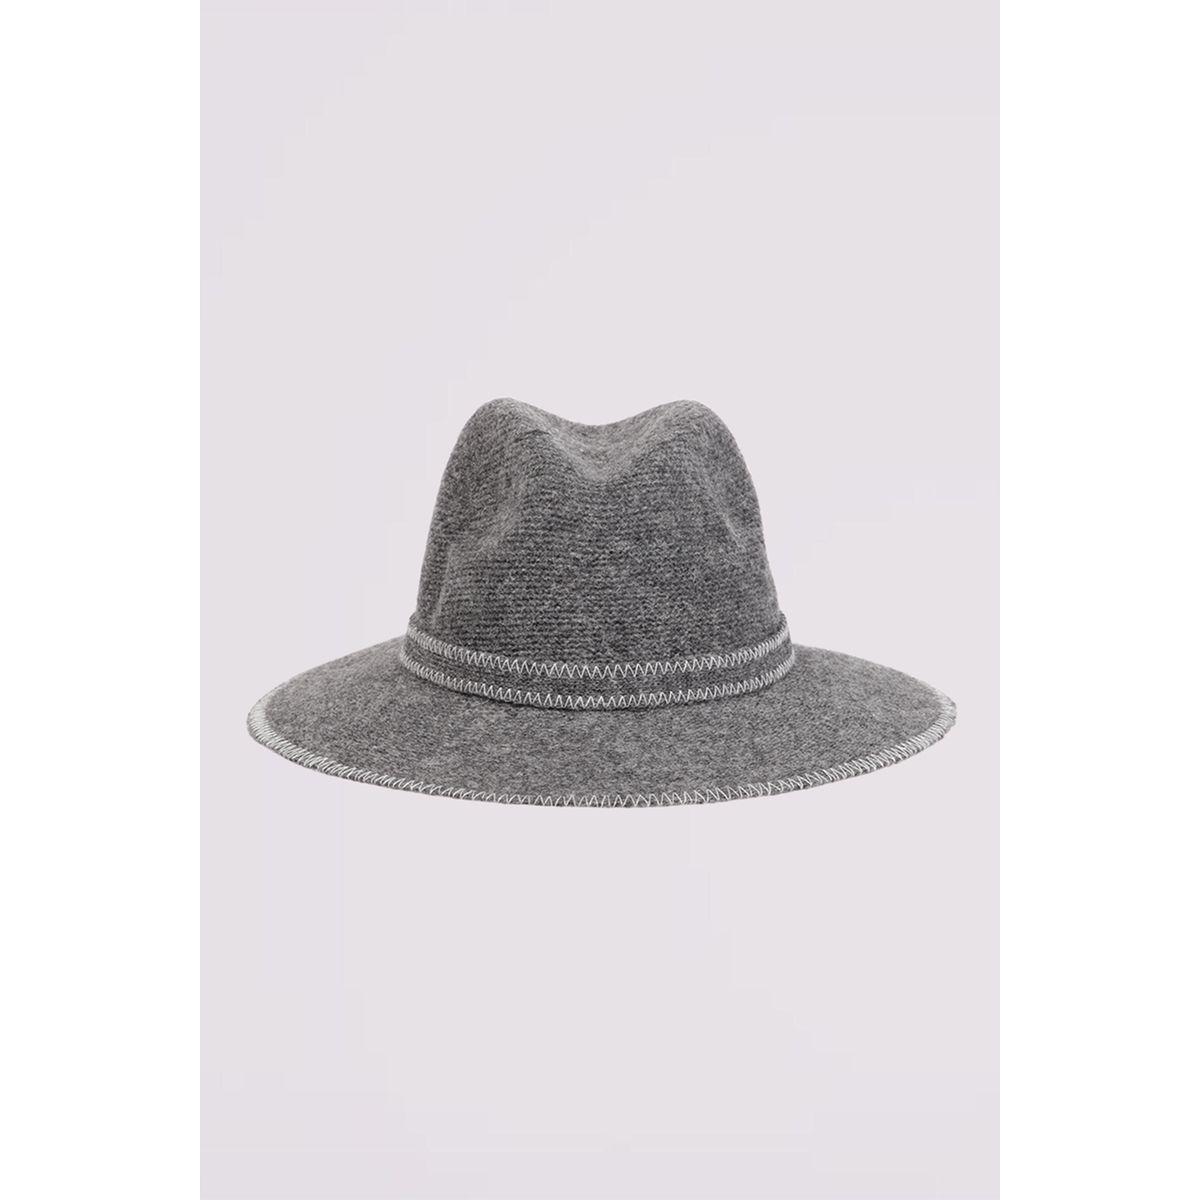 Chapeau détails bordures